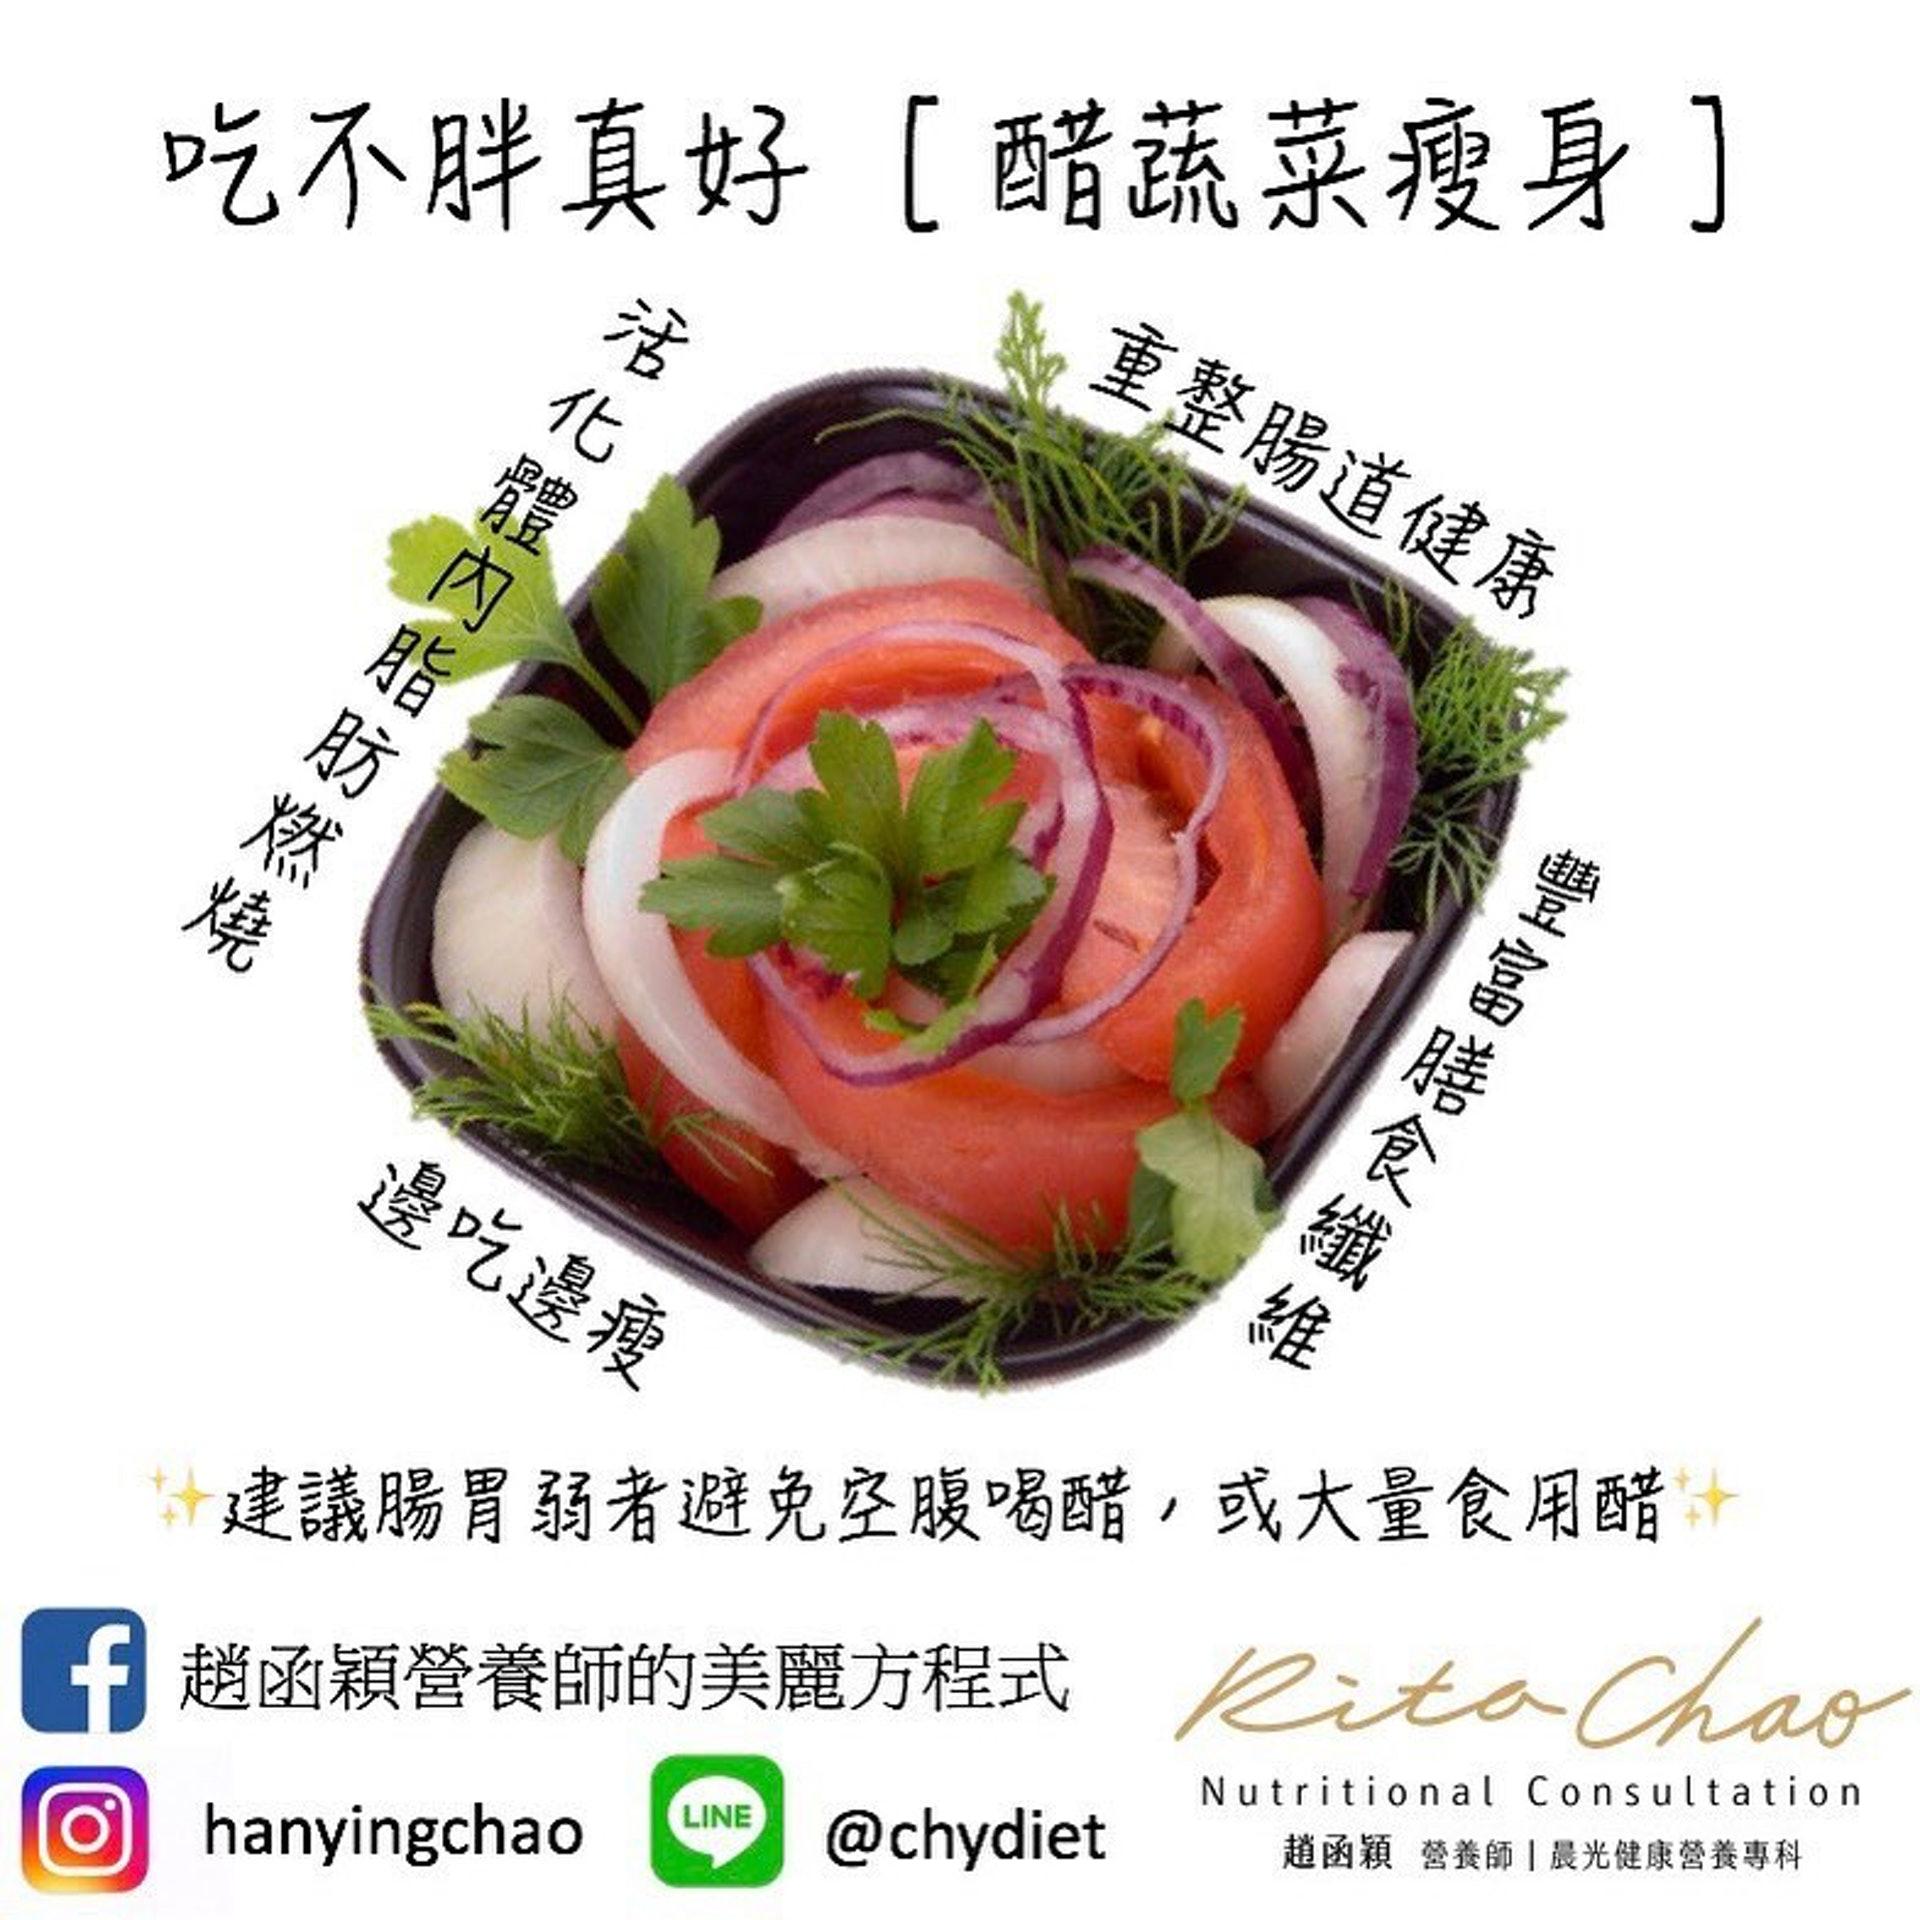 台灣的營養師趙函穎就力推這個醋蔬菜減肥法,列出幾個好處。(Instagram:hanyingchao)